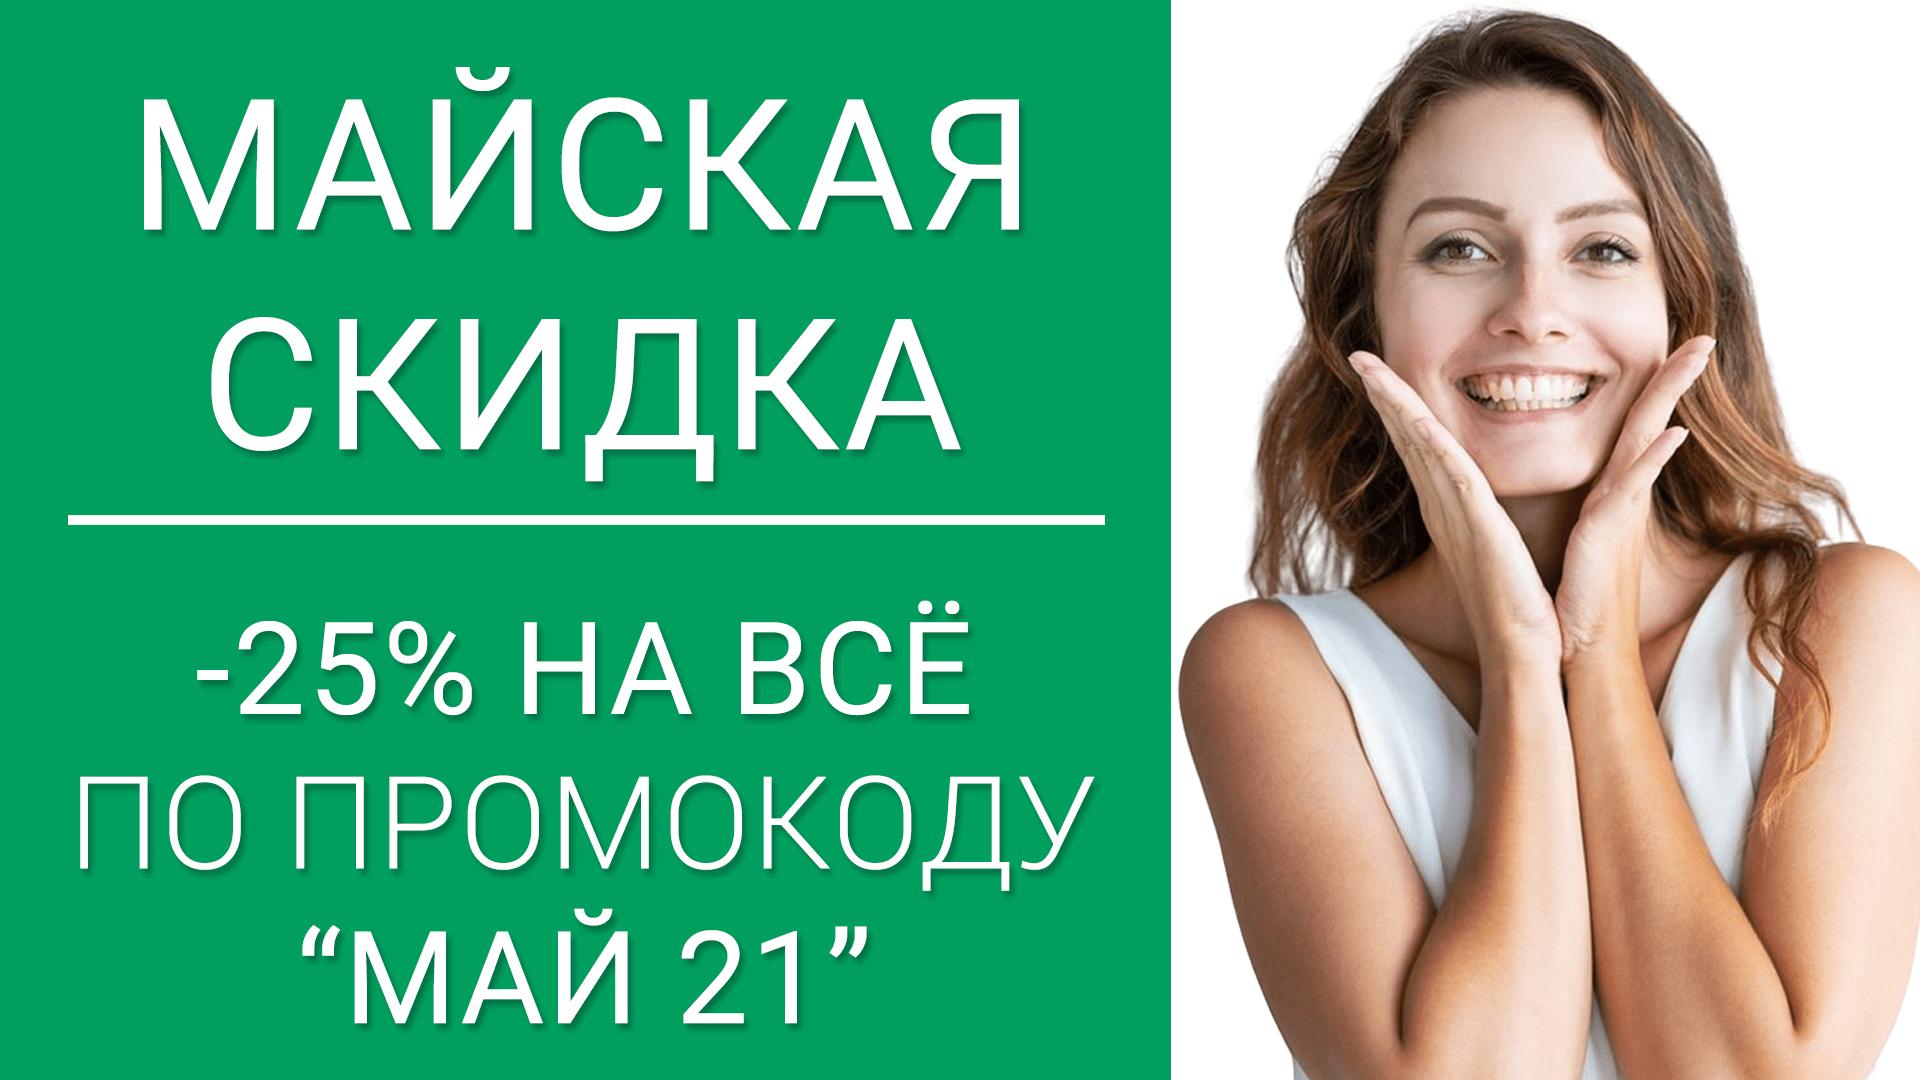 Майская скидка -25% НА ВСЁ по кодовому слову «Май 21»